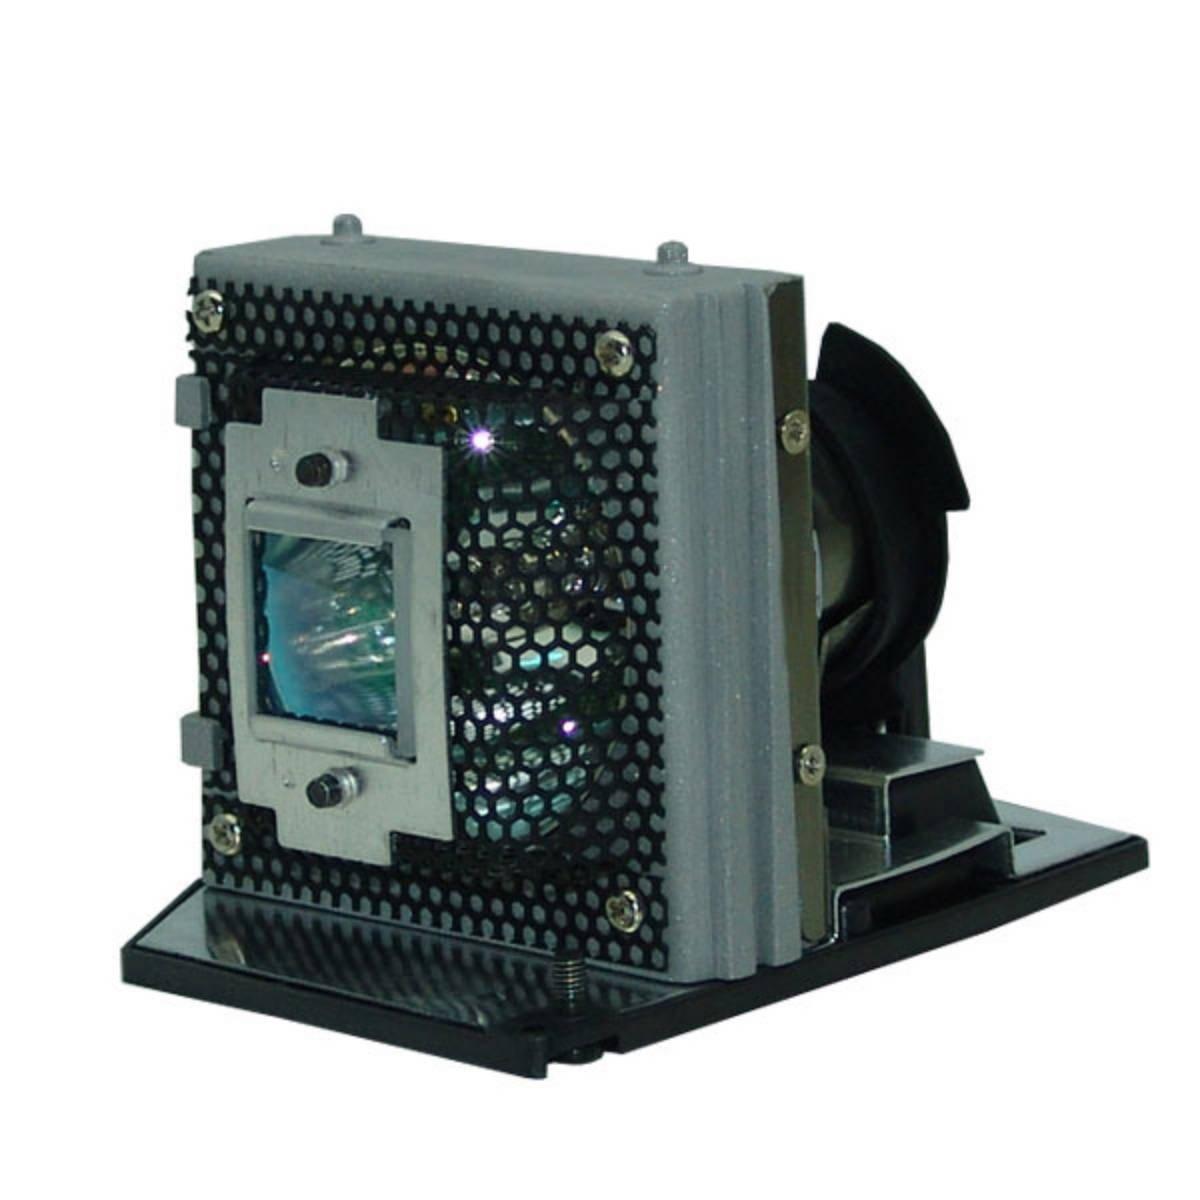 FI Lamps 互換 BL-FP200B / SP.81R01G001 プロジェクターランプハウジング Optoma プロジェクター用   B00C522V12